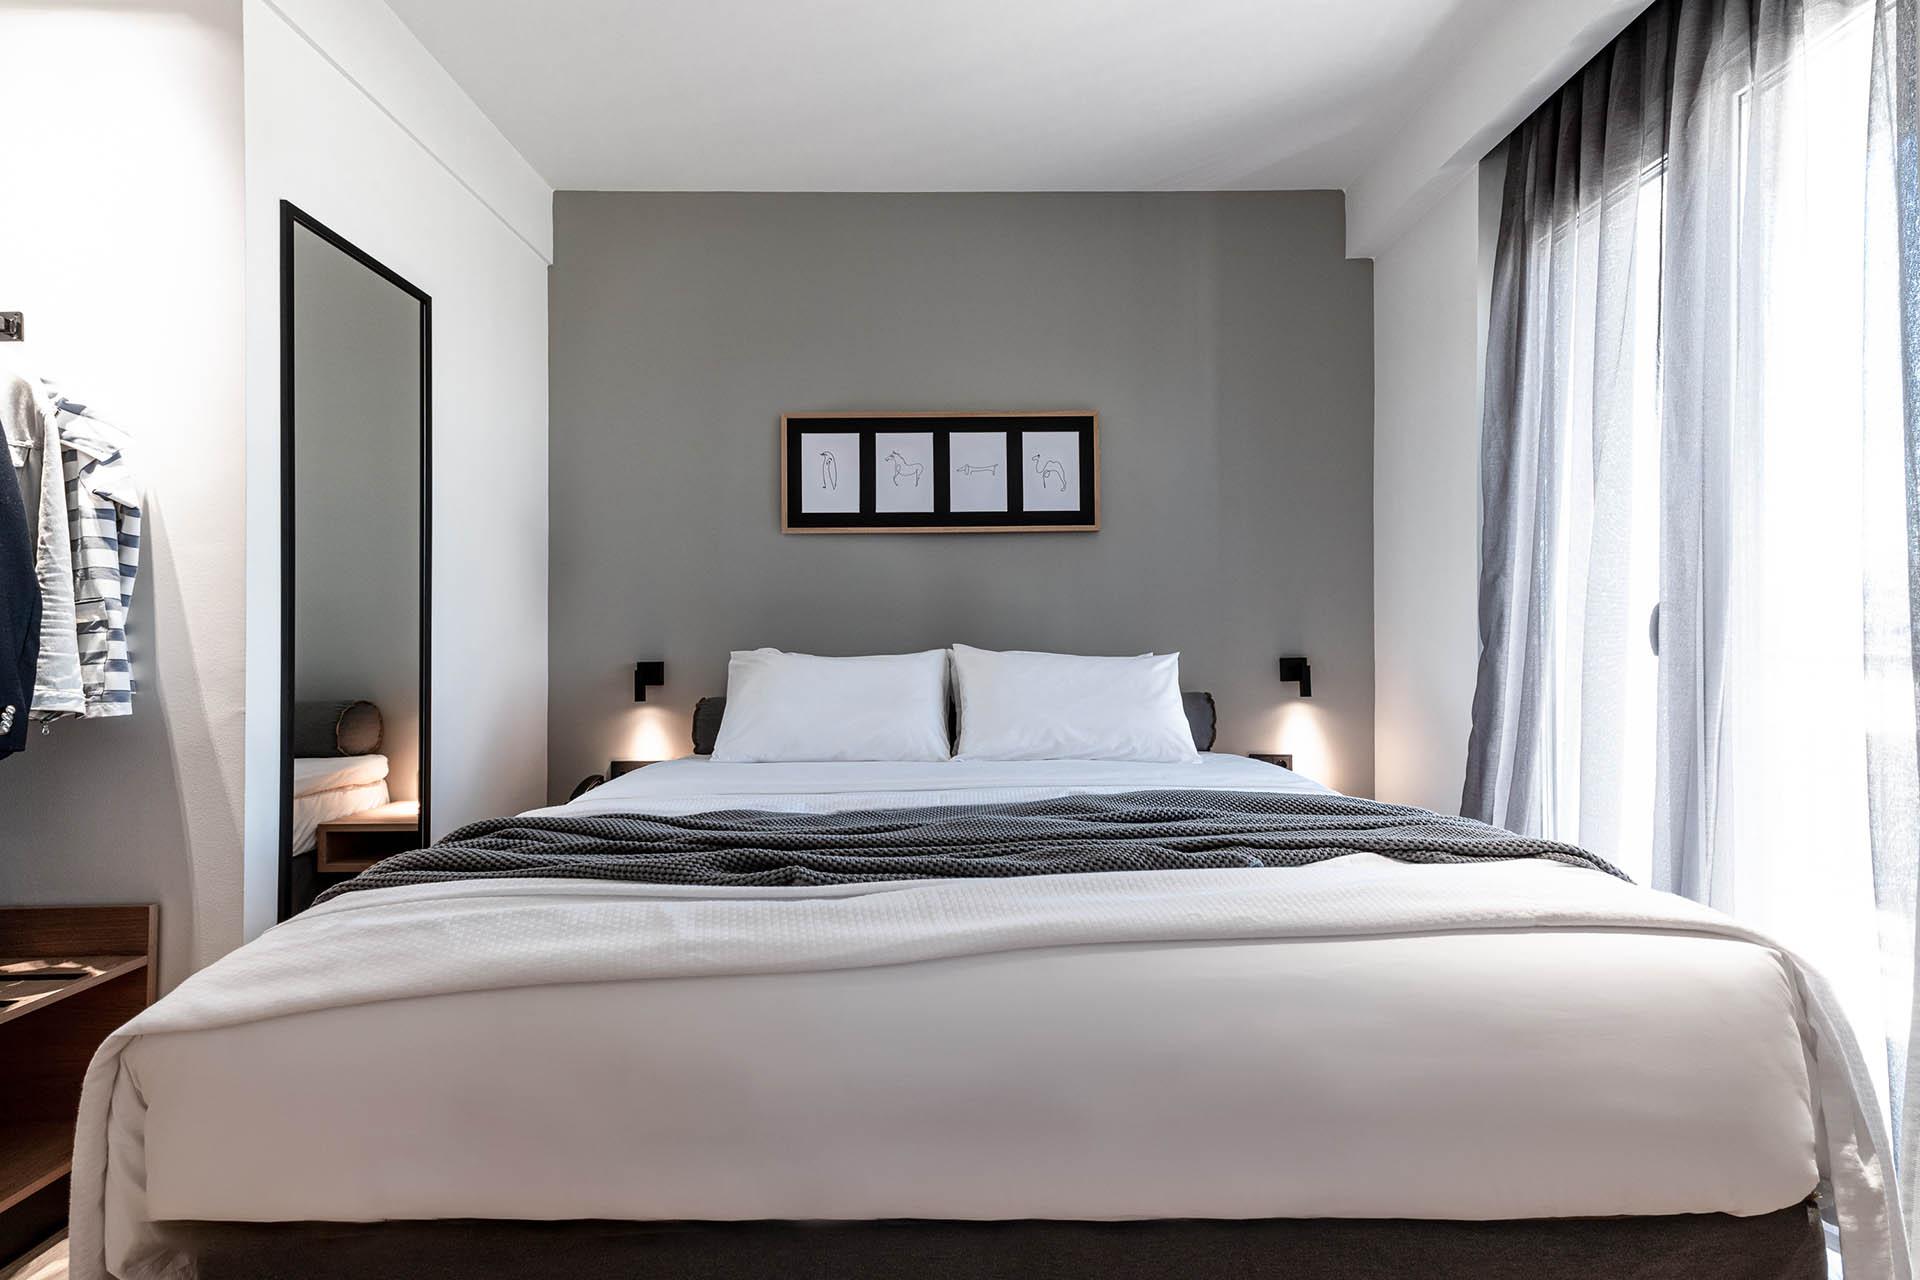 31 Doors Hotel - Αλεξανδρούπολη ✦ 2 Ημέρες (1 Διανυκτέρευση)